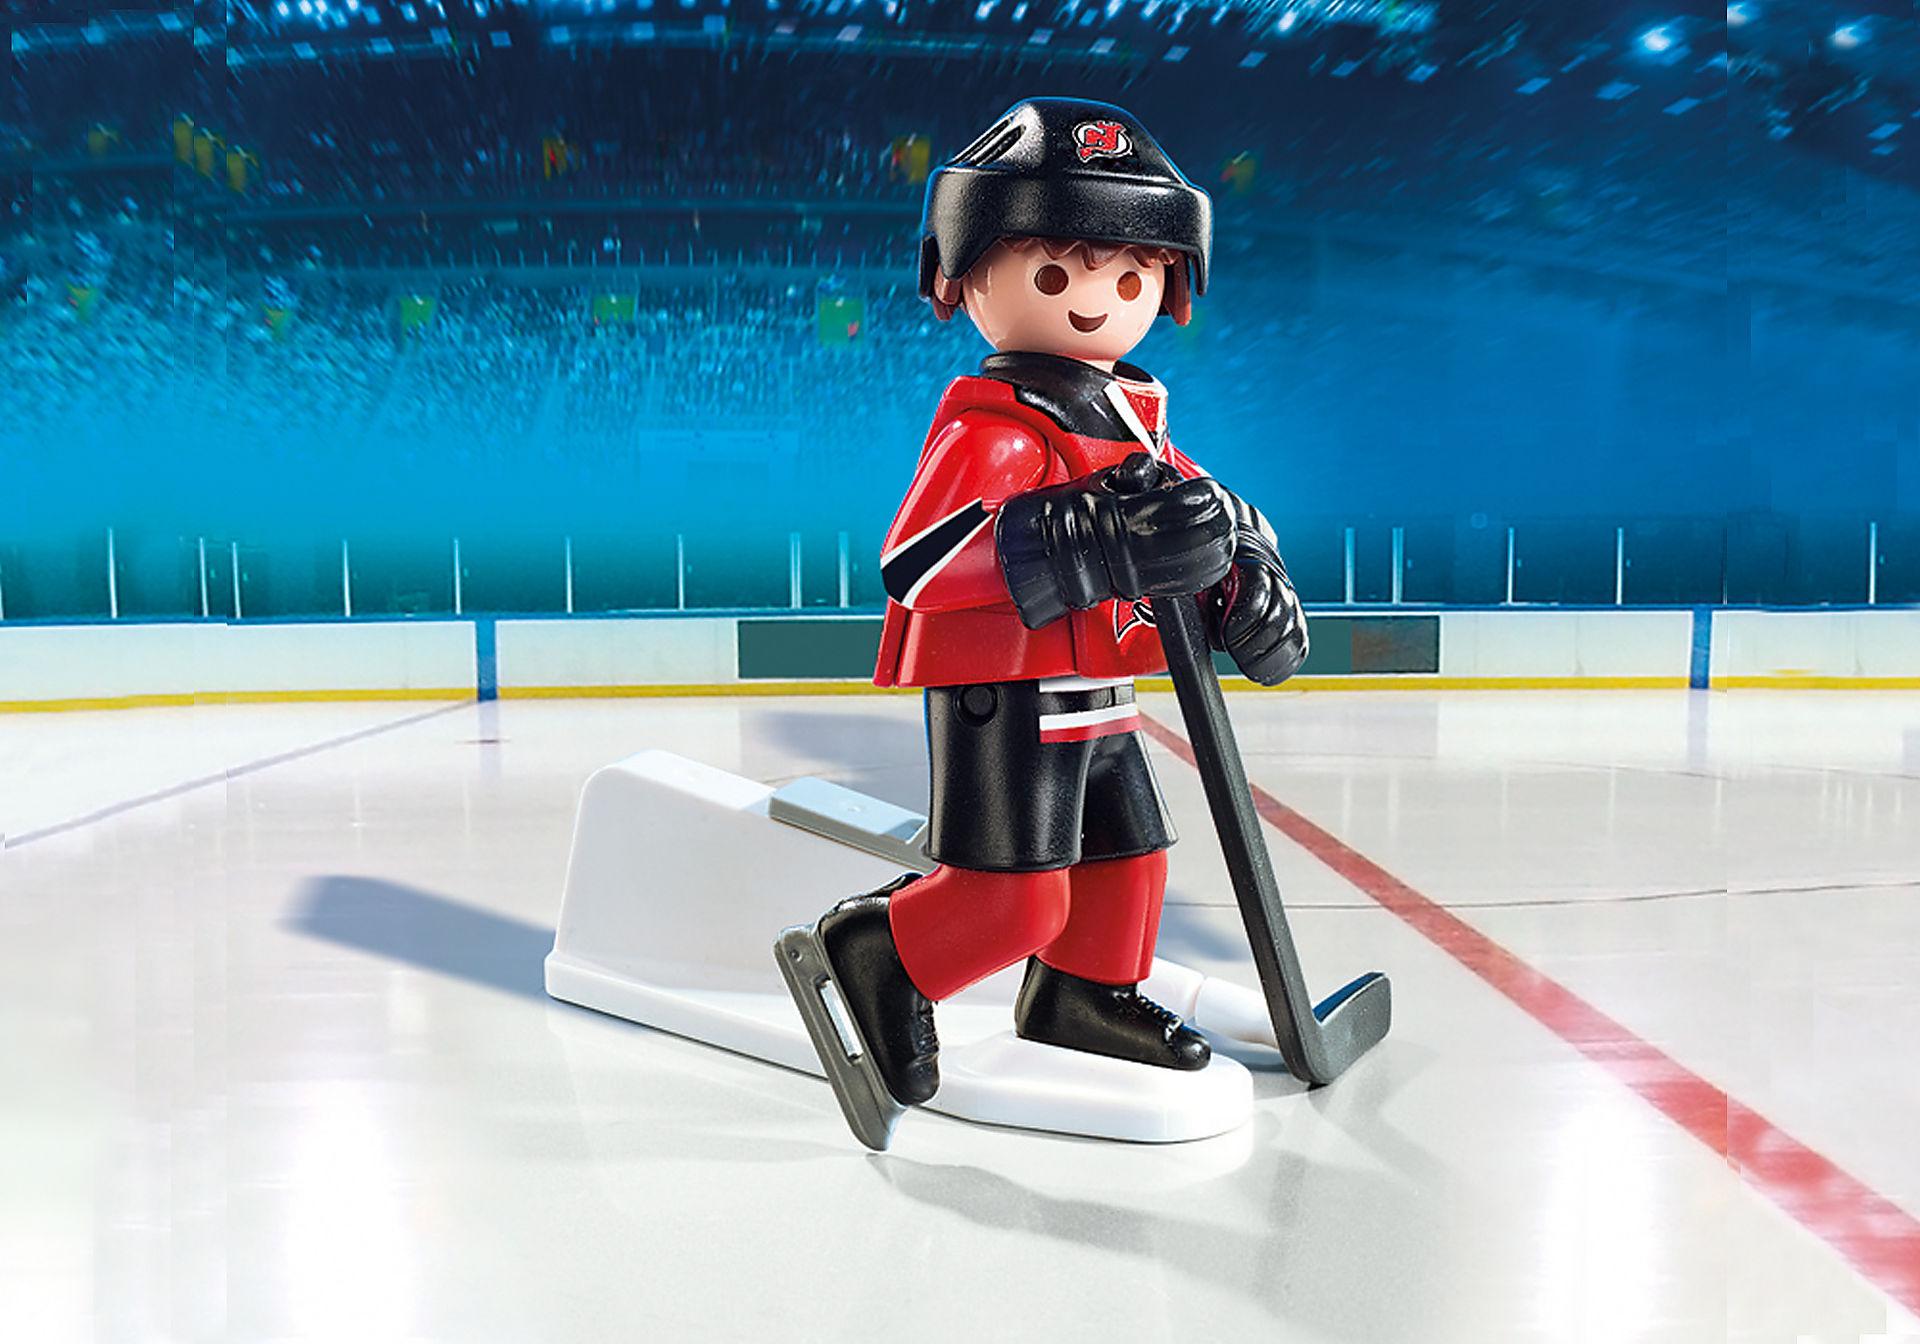 9037 NHL Jugador New Jersey Devils zoom image1